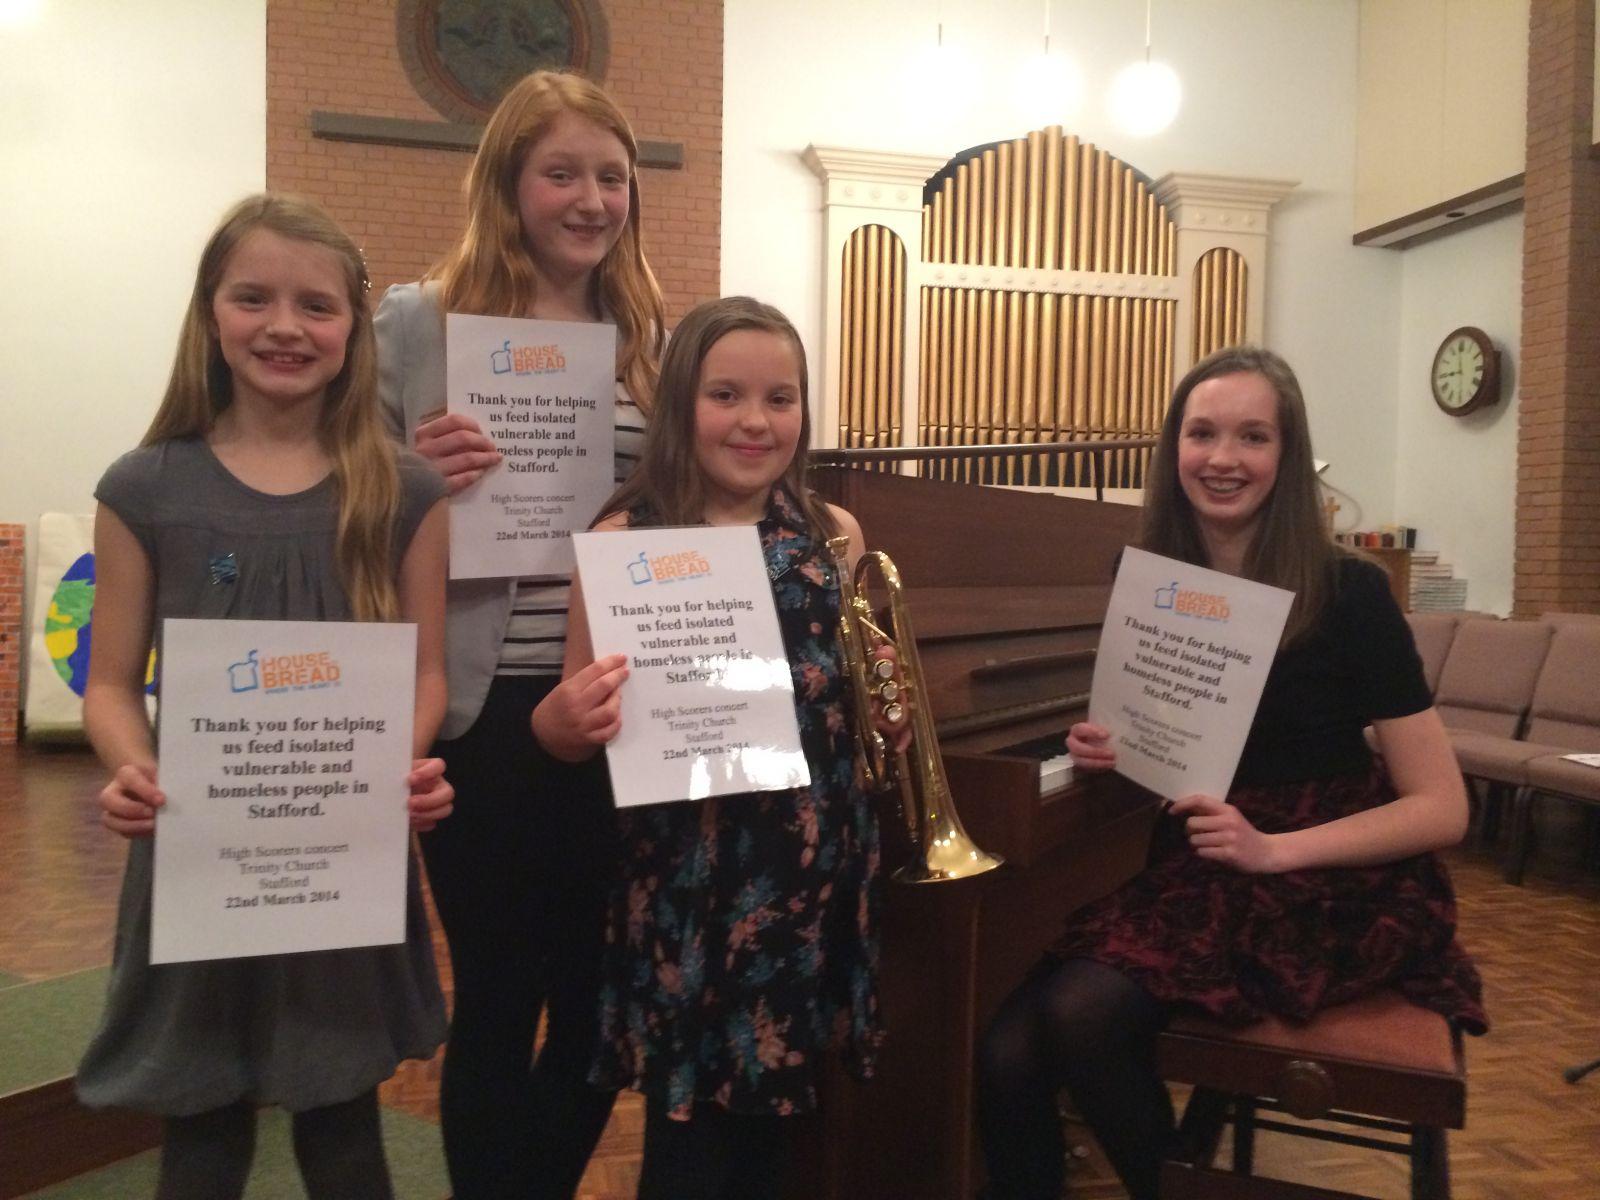 Niversite Eğitim Fakültesi Müzik Öğretmenliği Lisans Programı Amacı. Müzik Öğretmenliği Piyano Eğitimi Nasıl Olmalıdır Hedefi Nedir. Çocuk Çalgı çalan özel Ders Kurs Okul özel